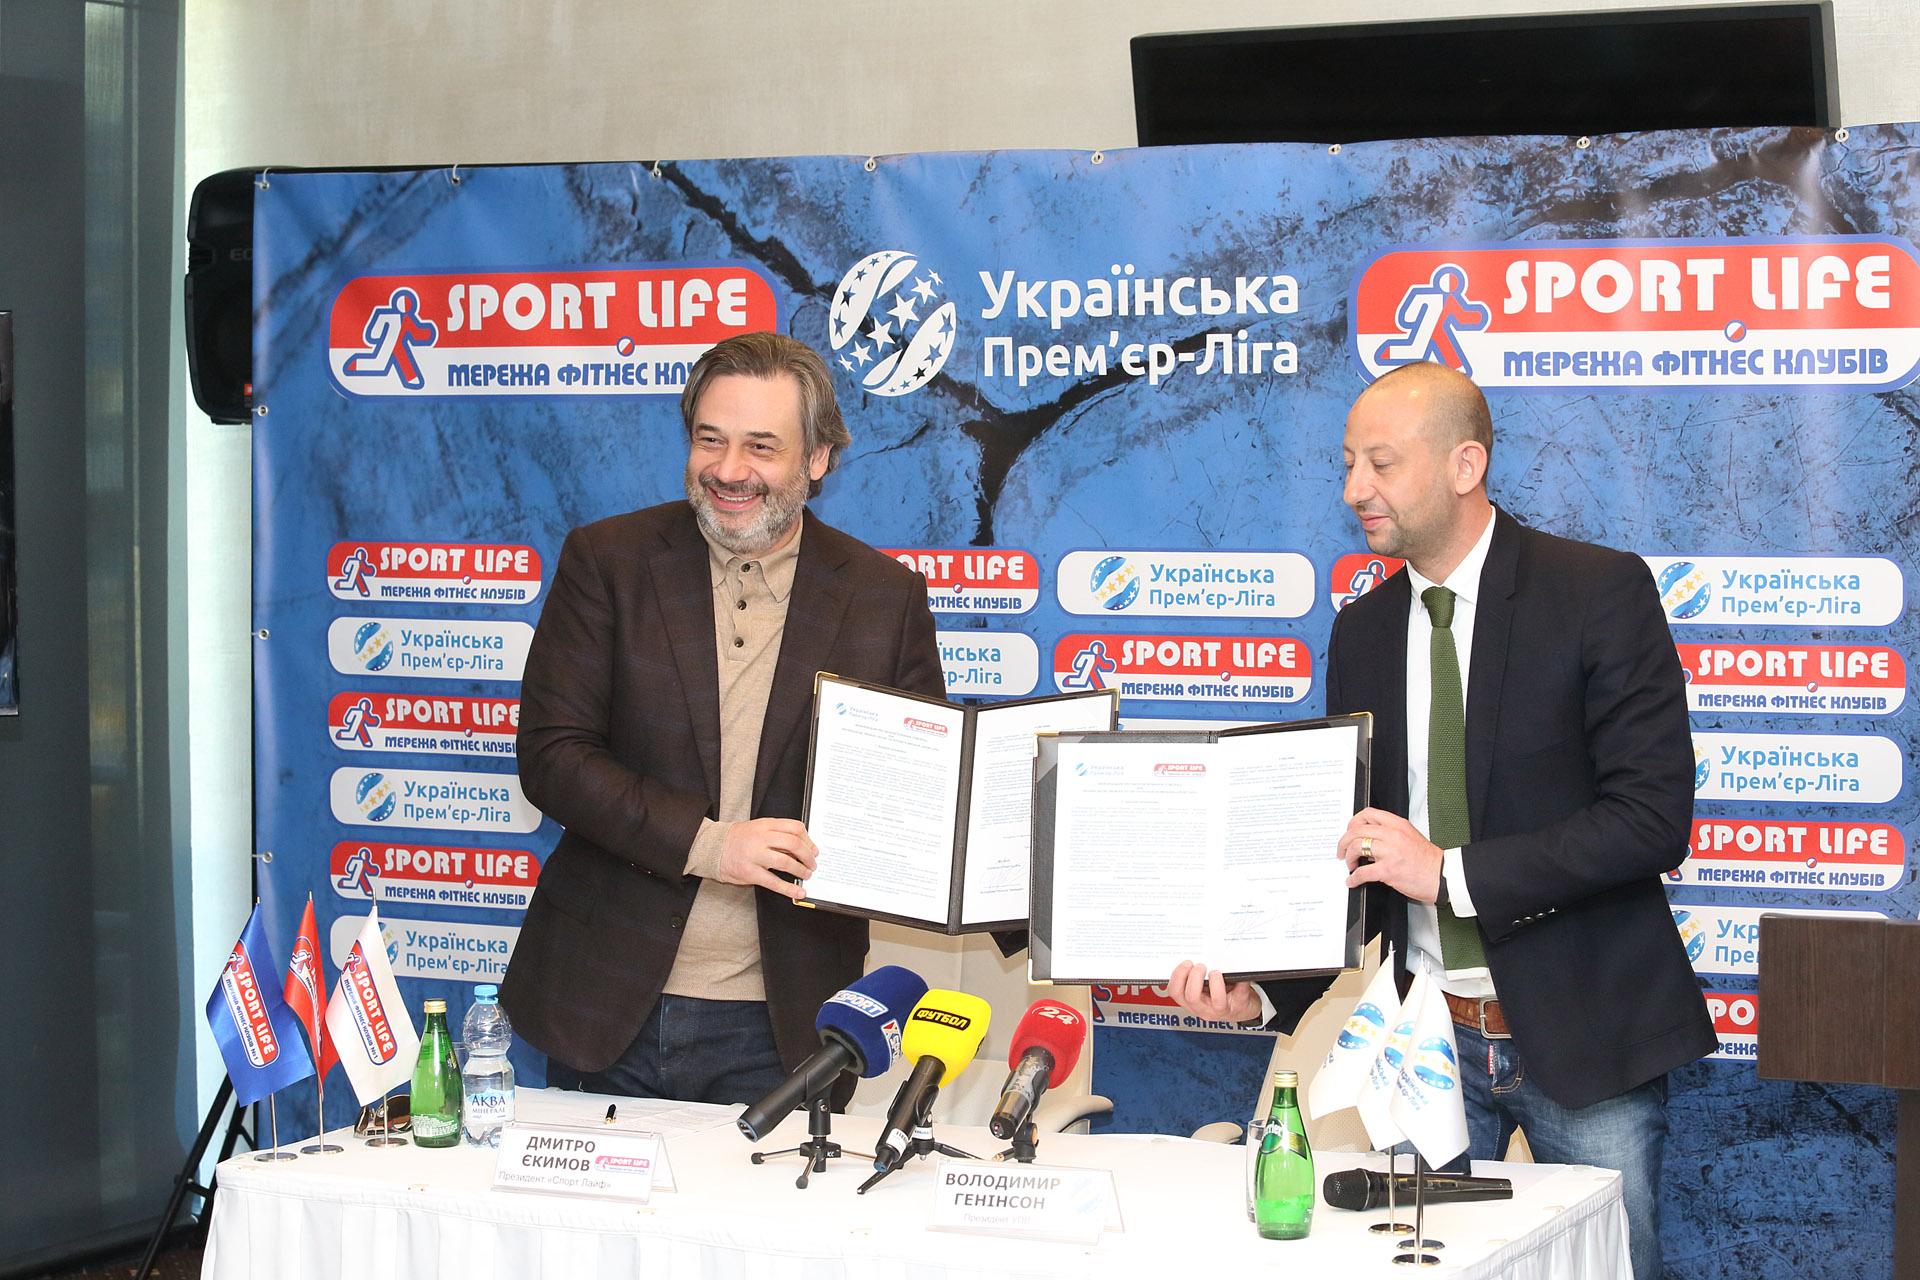 Прем'єр-Ліга і Sport Life оголосили про старт спільних проектів